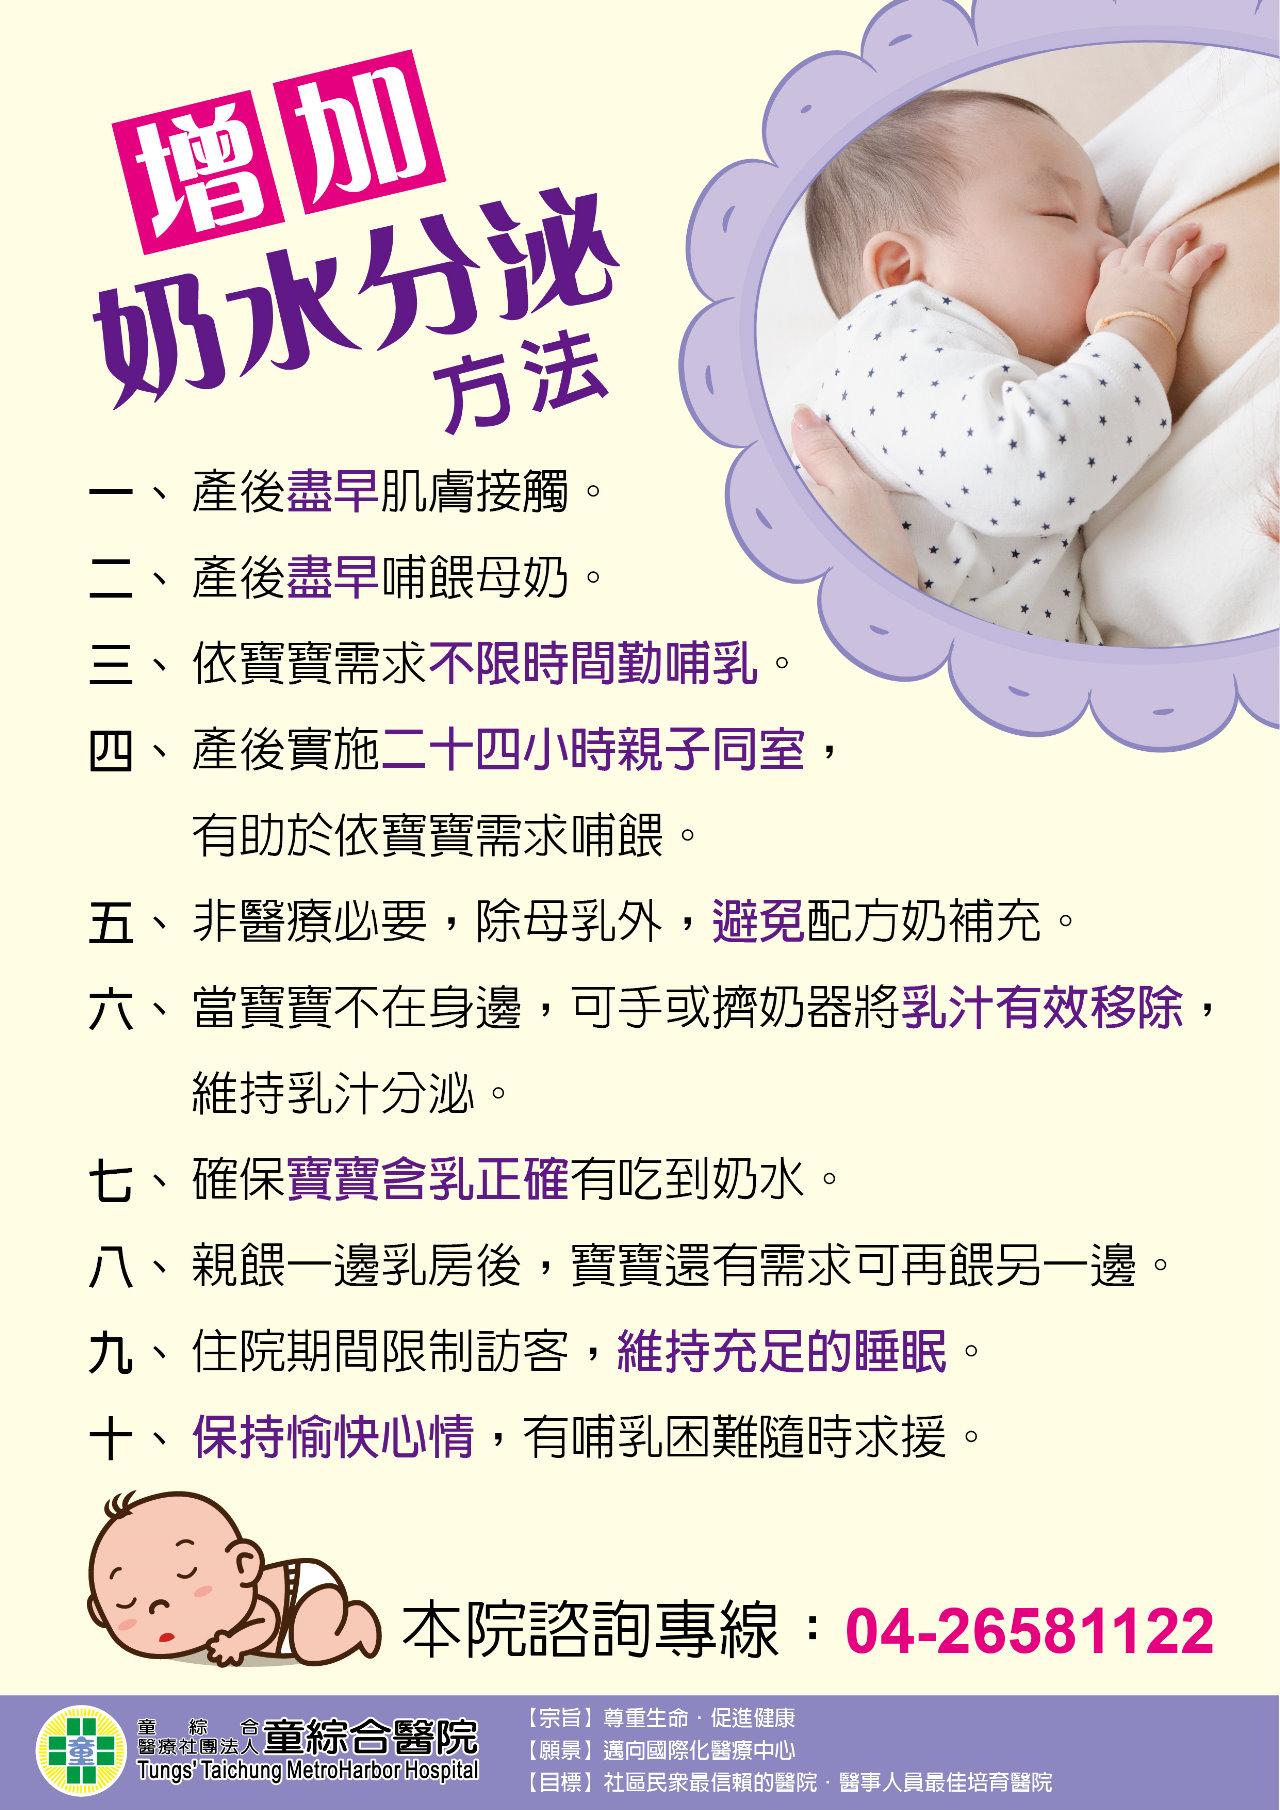 增加奶水分泌方法